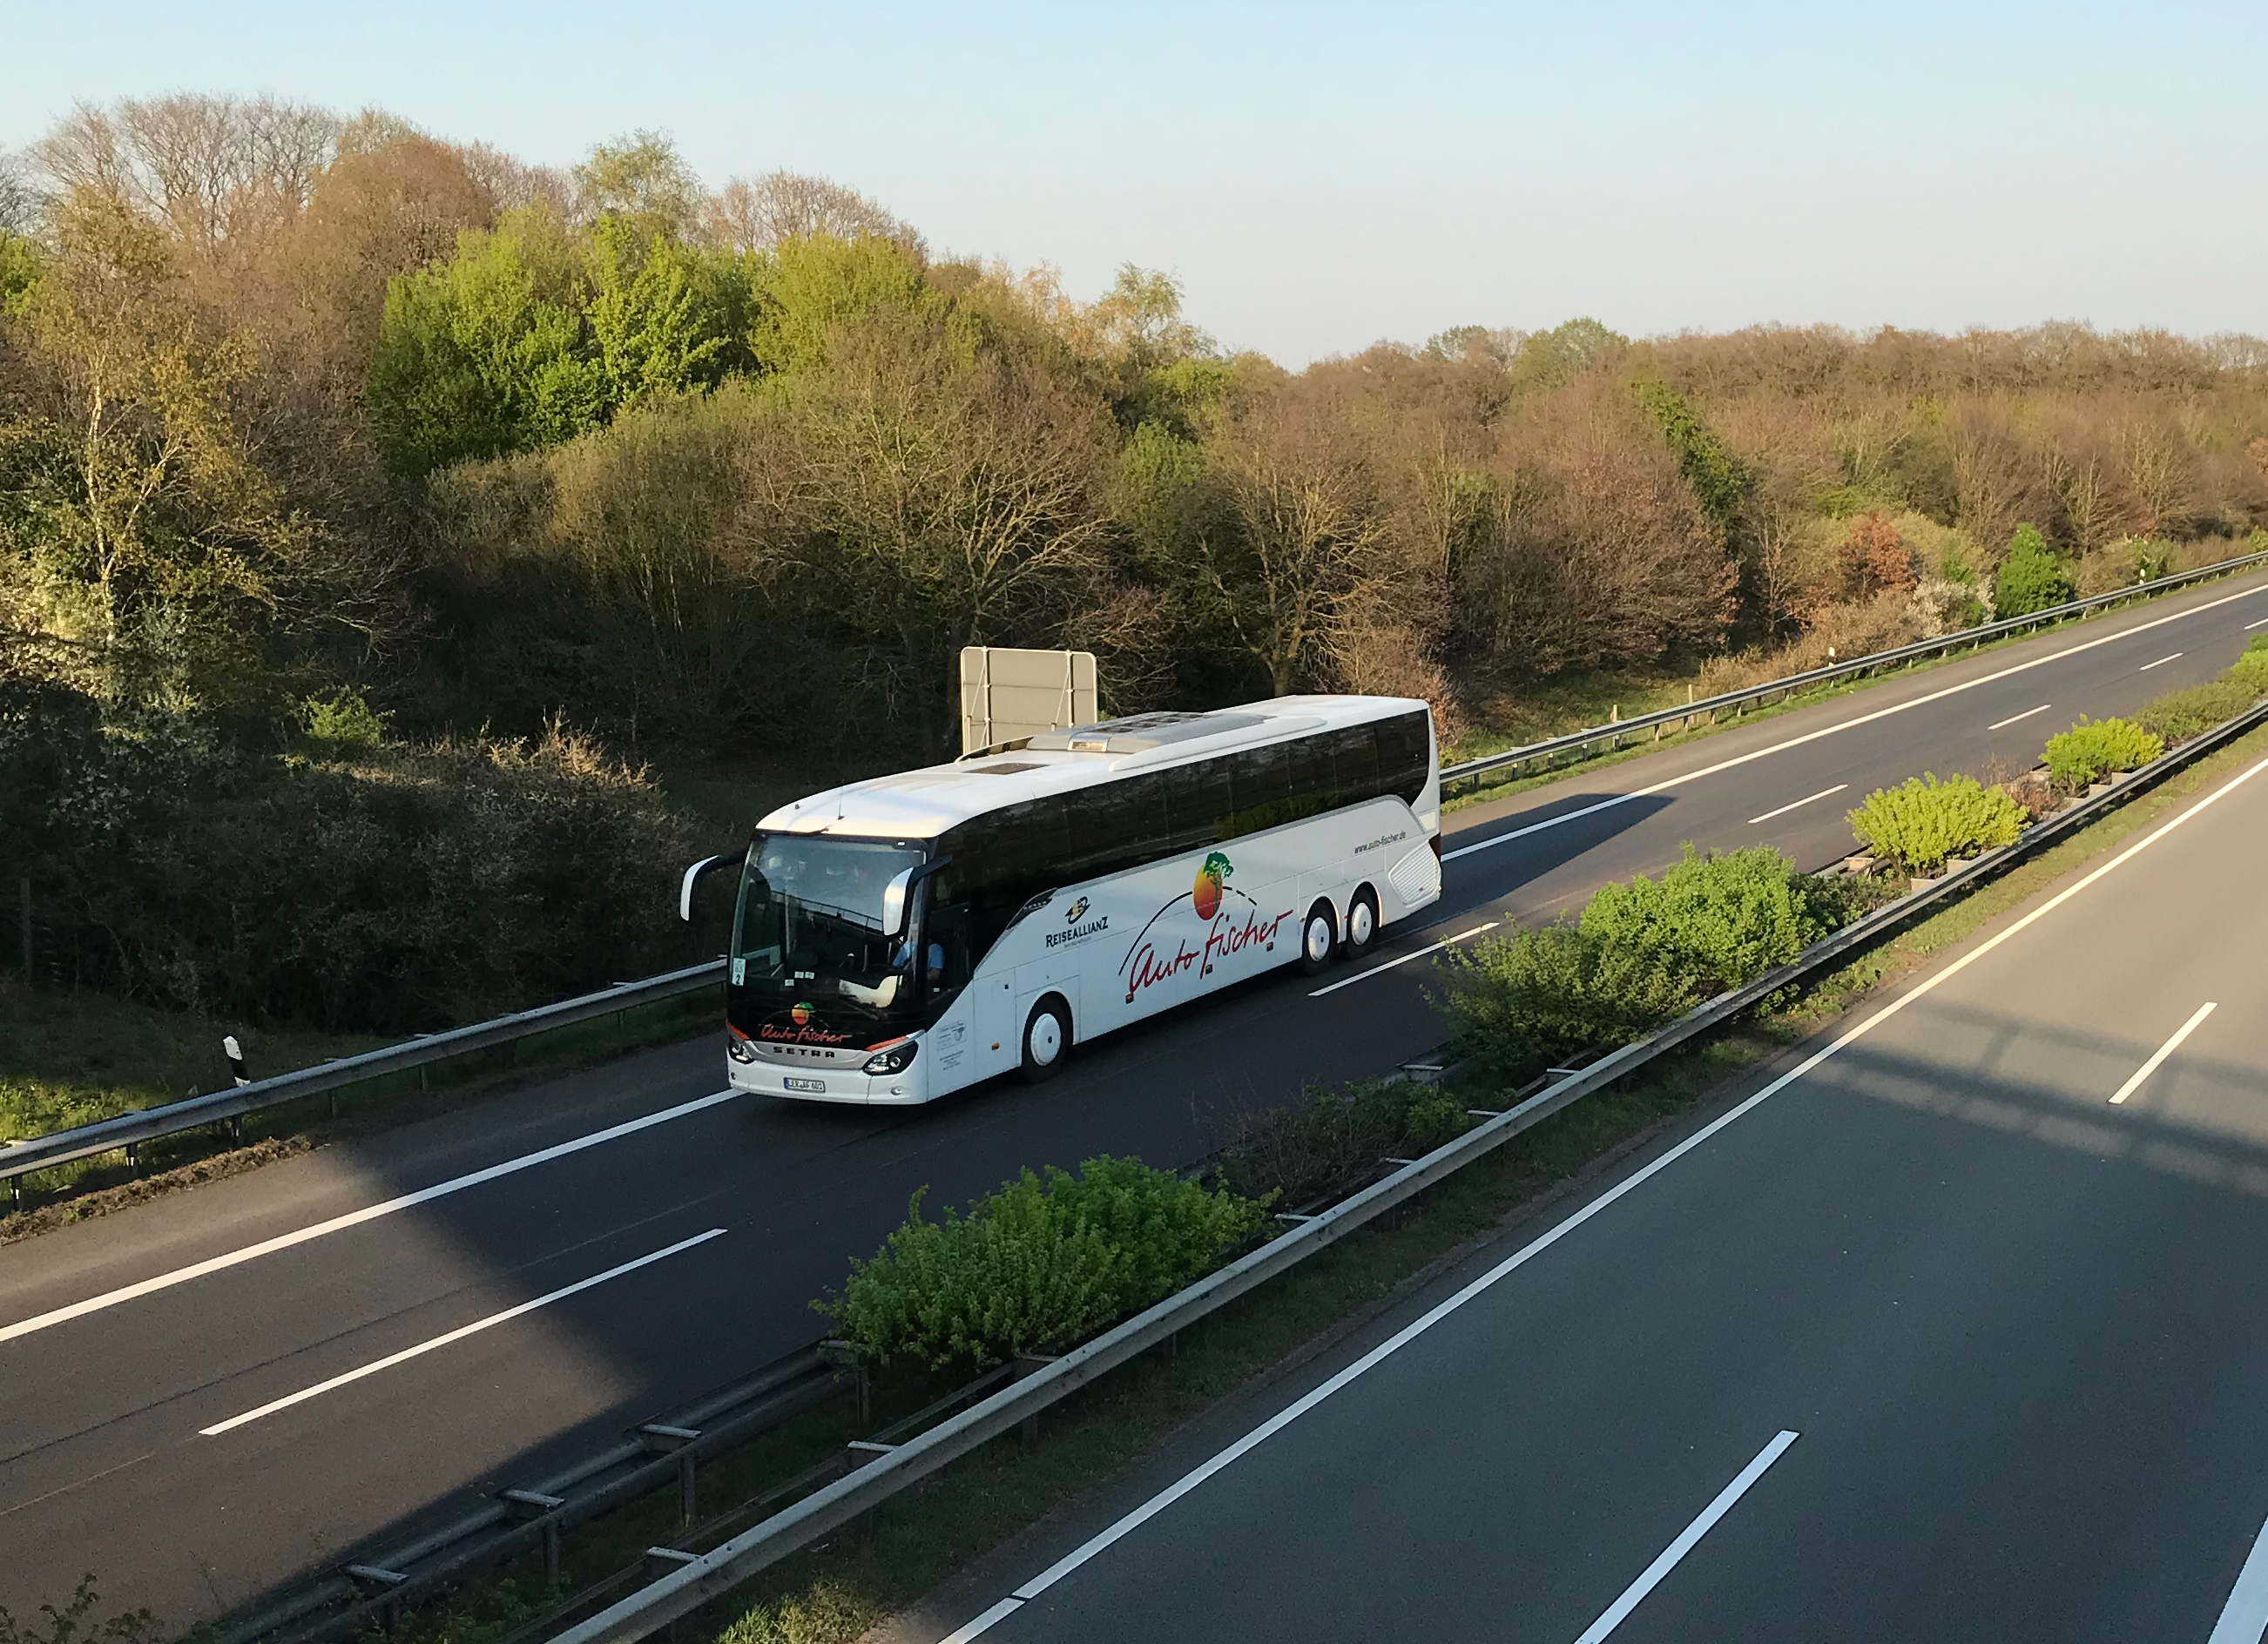 5_Sterne_Auto_Fischer_Reisen_GmbH_ Setra_517 HD_Autobahn A28